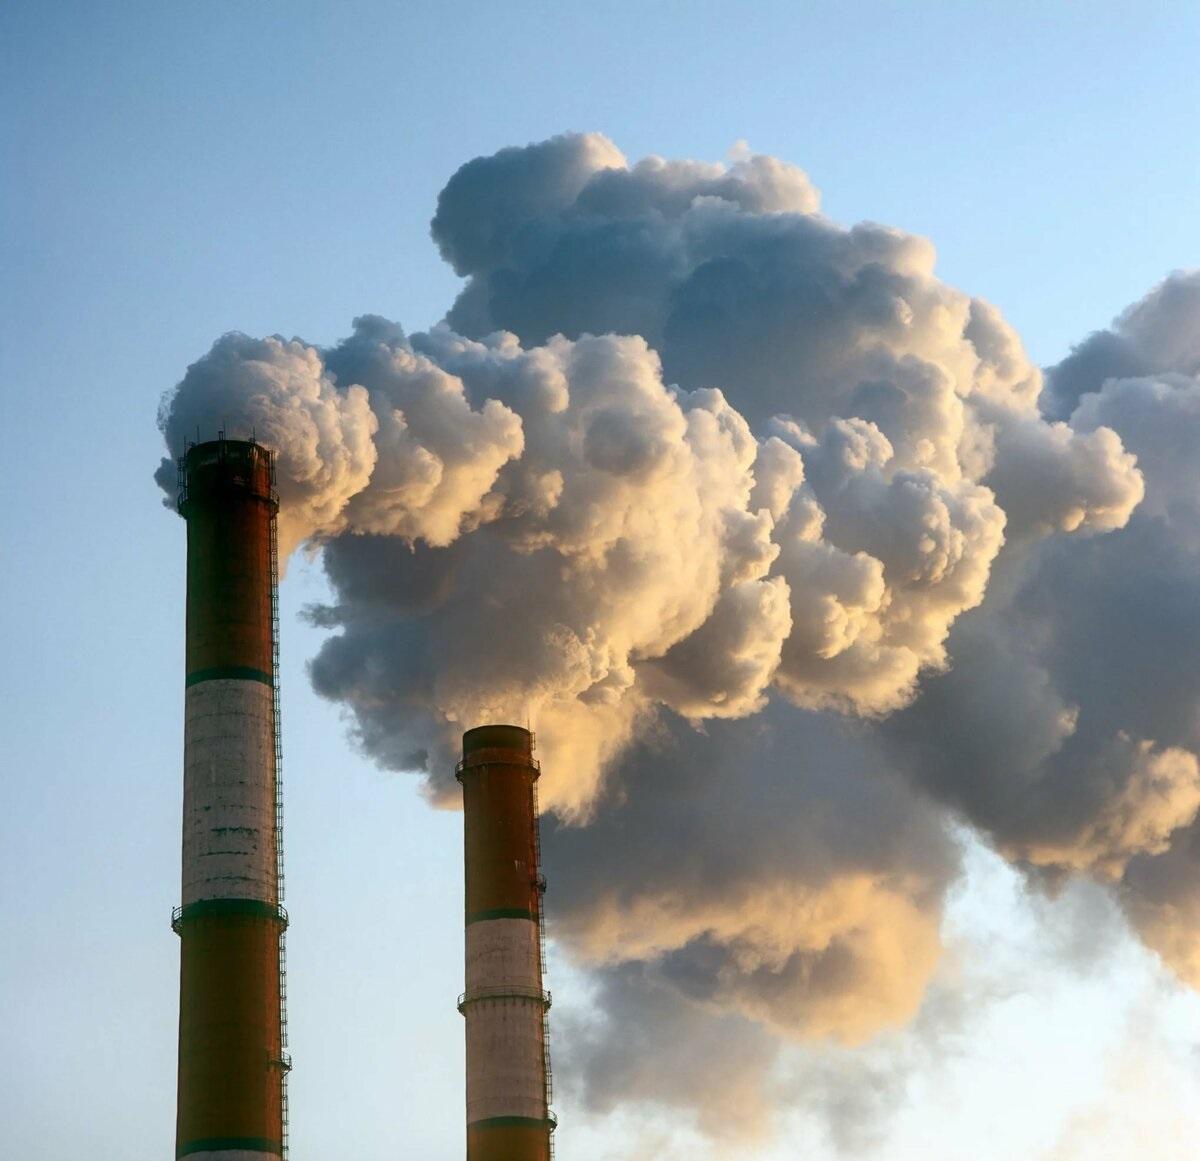 В прокуратуре не нашли источник загрязнения воздуха на юго-западе Москвы